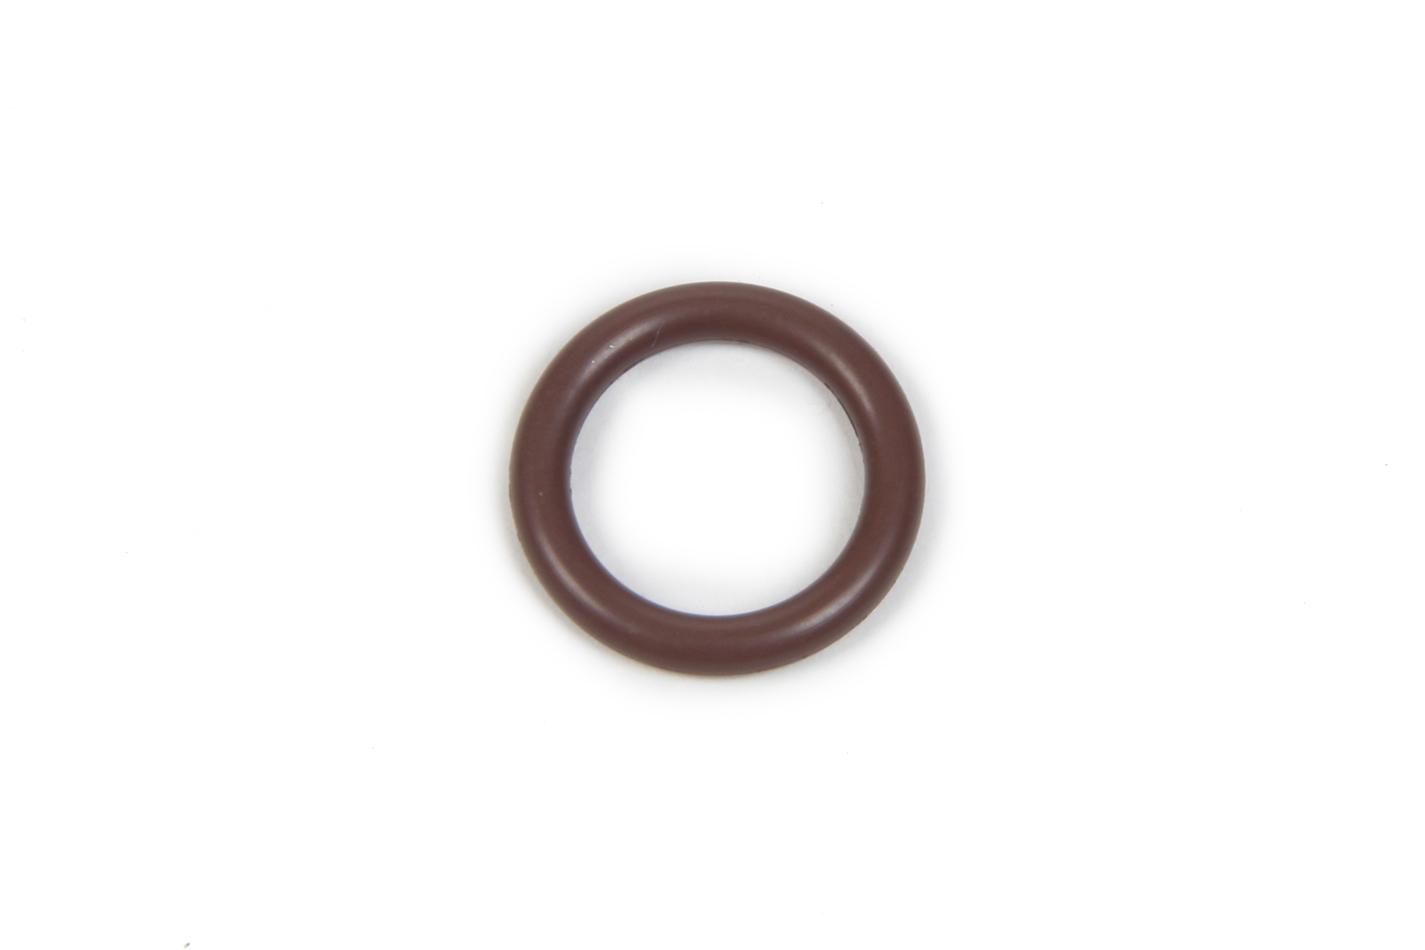 O-Ring 2-112 Viton Brown (1pk)